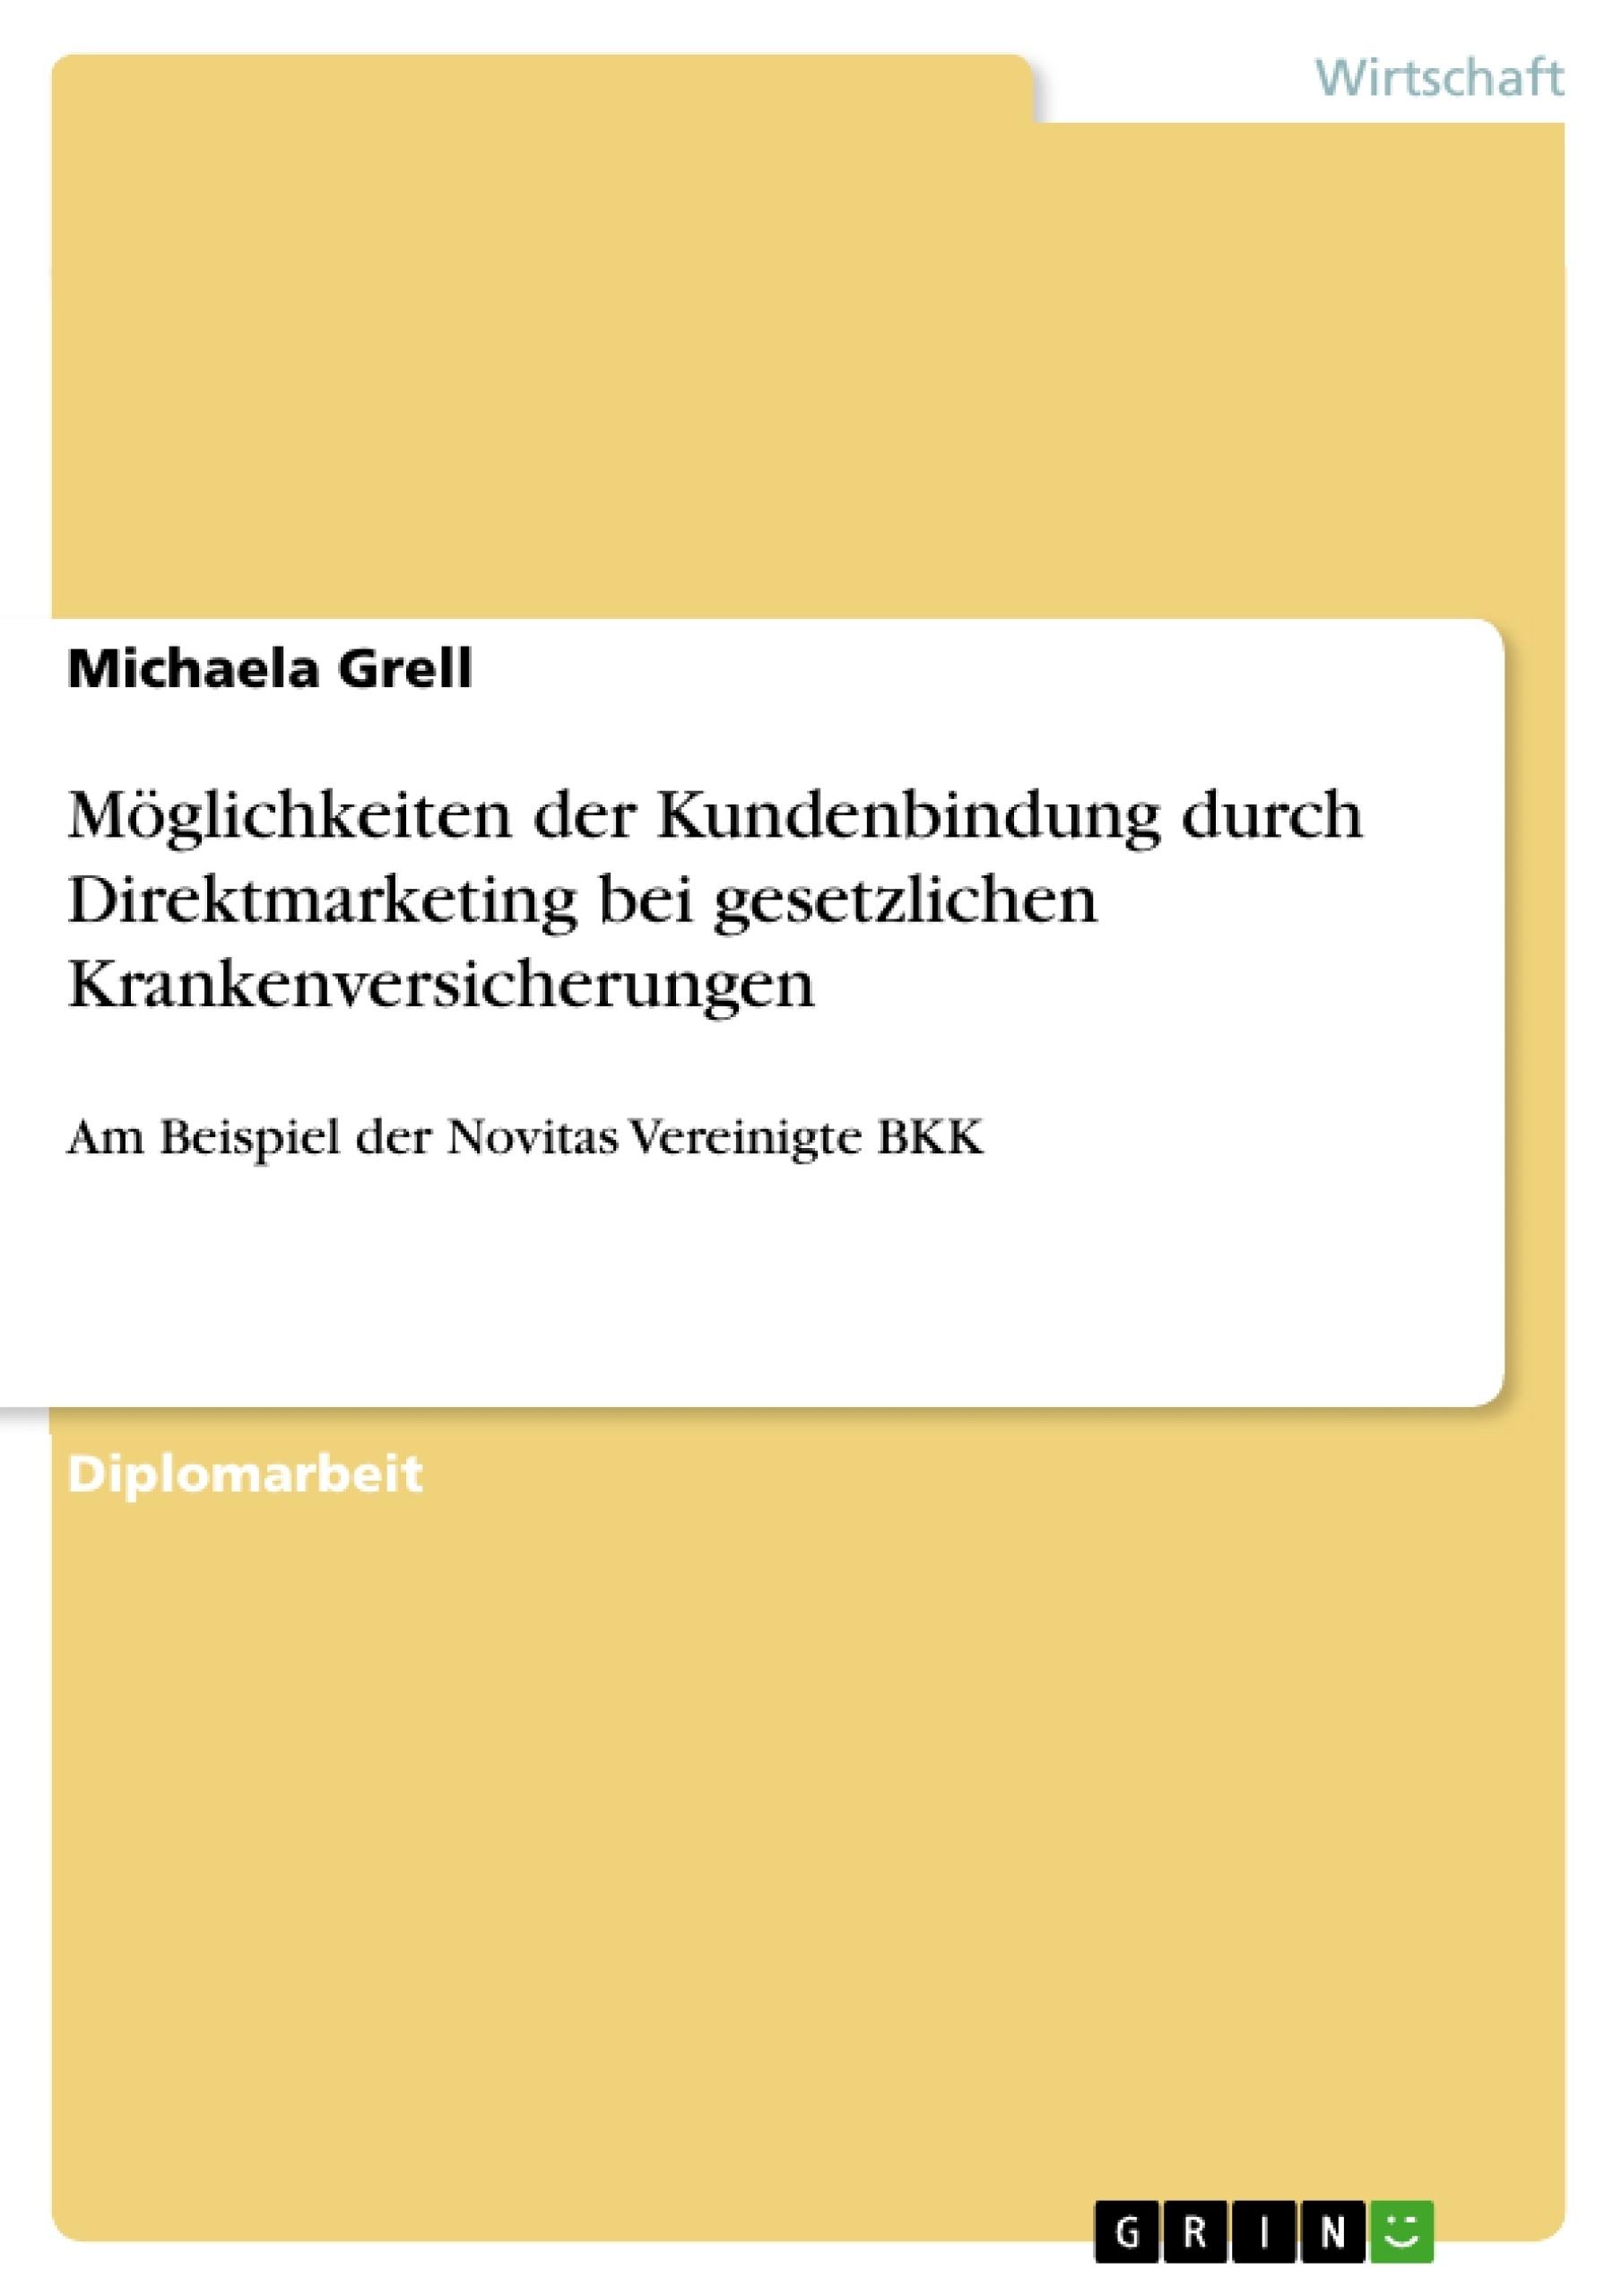 Titel: Möglichkeiten der Kundenbindung durch Direktmarketing bei gesetzlichen Krankenversicherungen